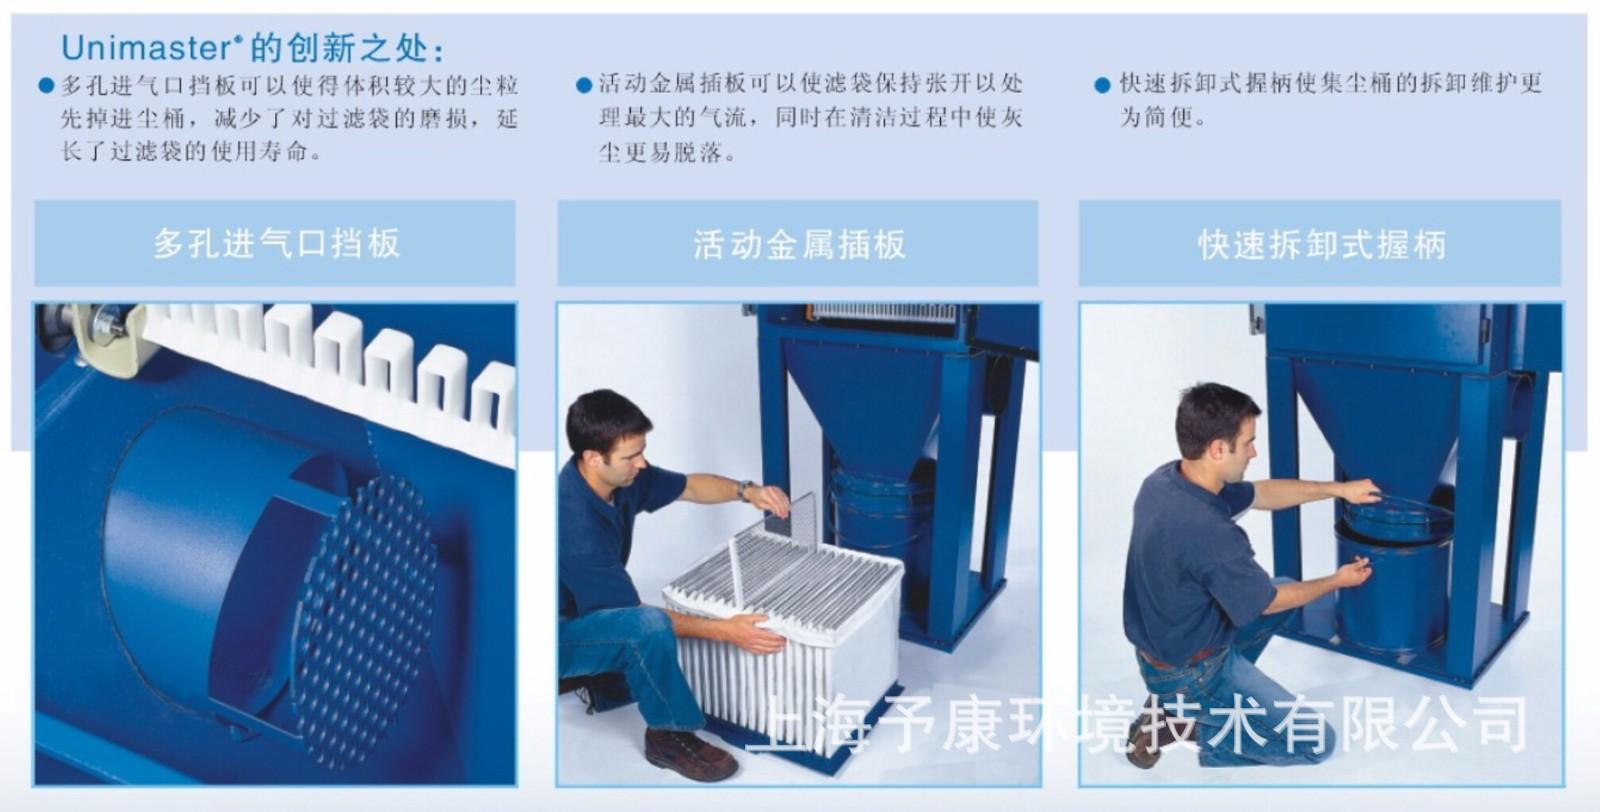 首页 产品展示 粉尘治理设备 布袋集尘机 唐纳森 unimaster除尘器